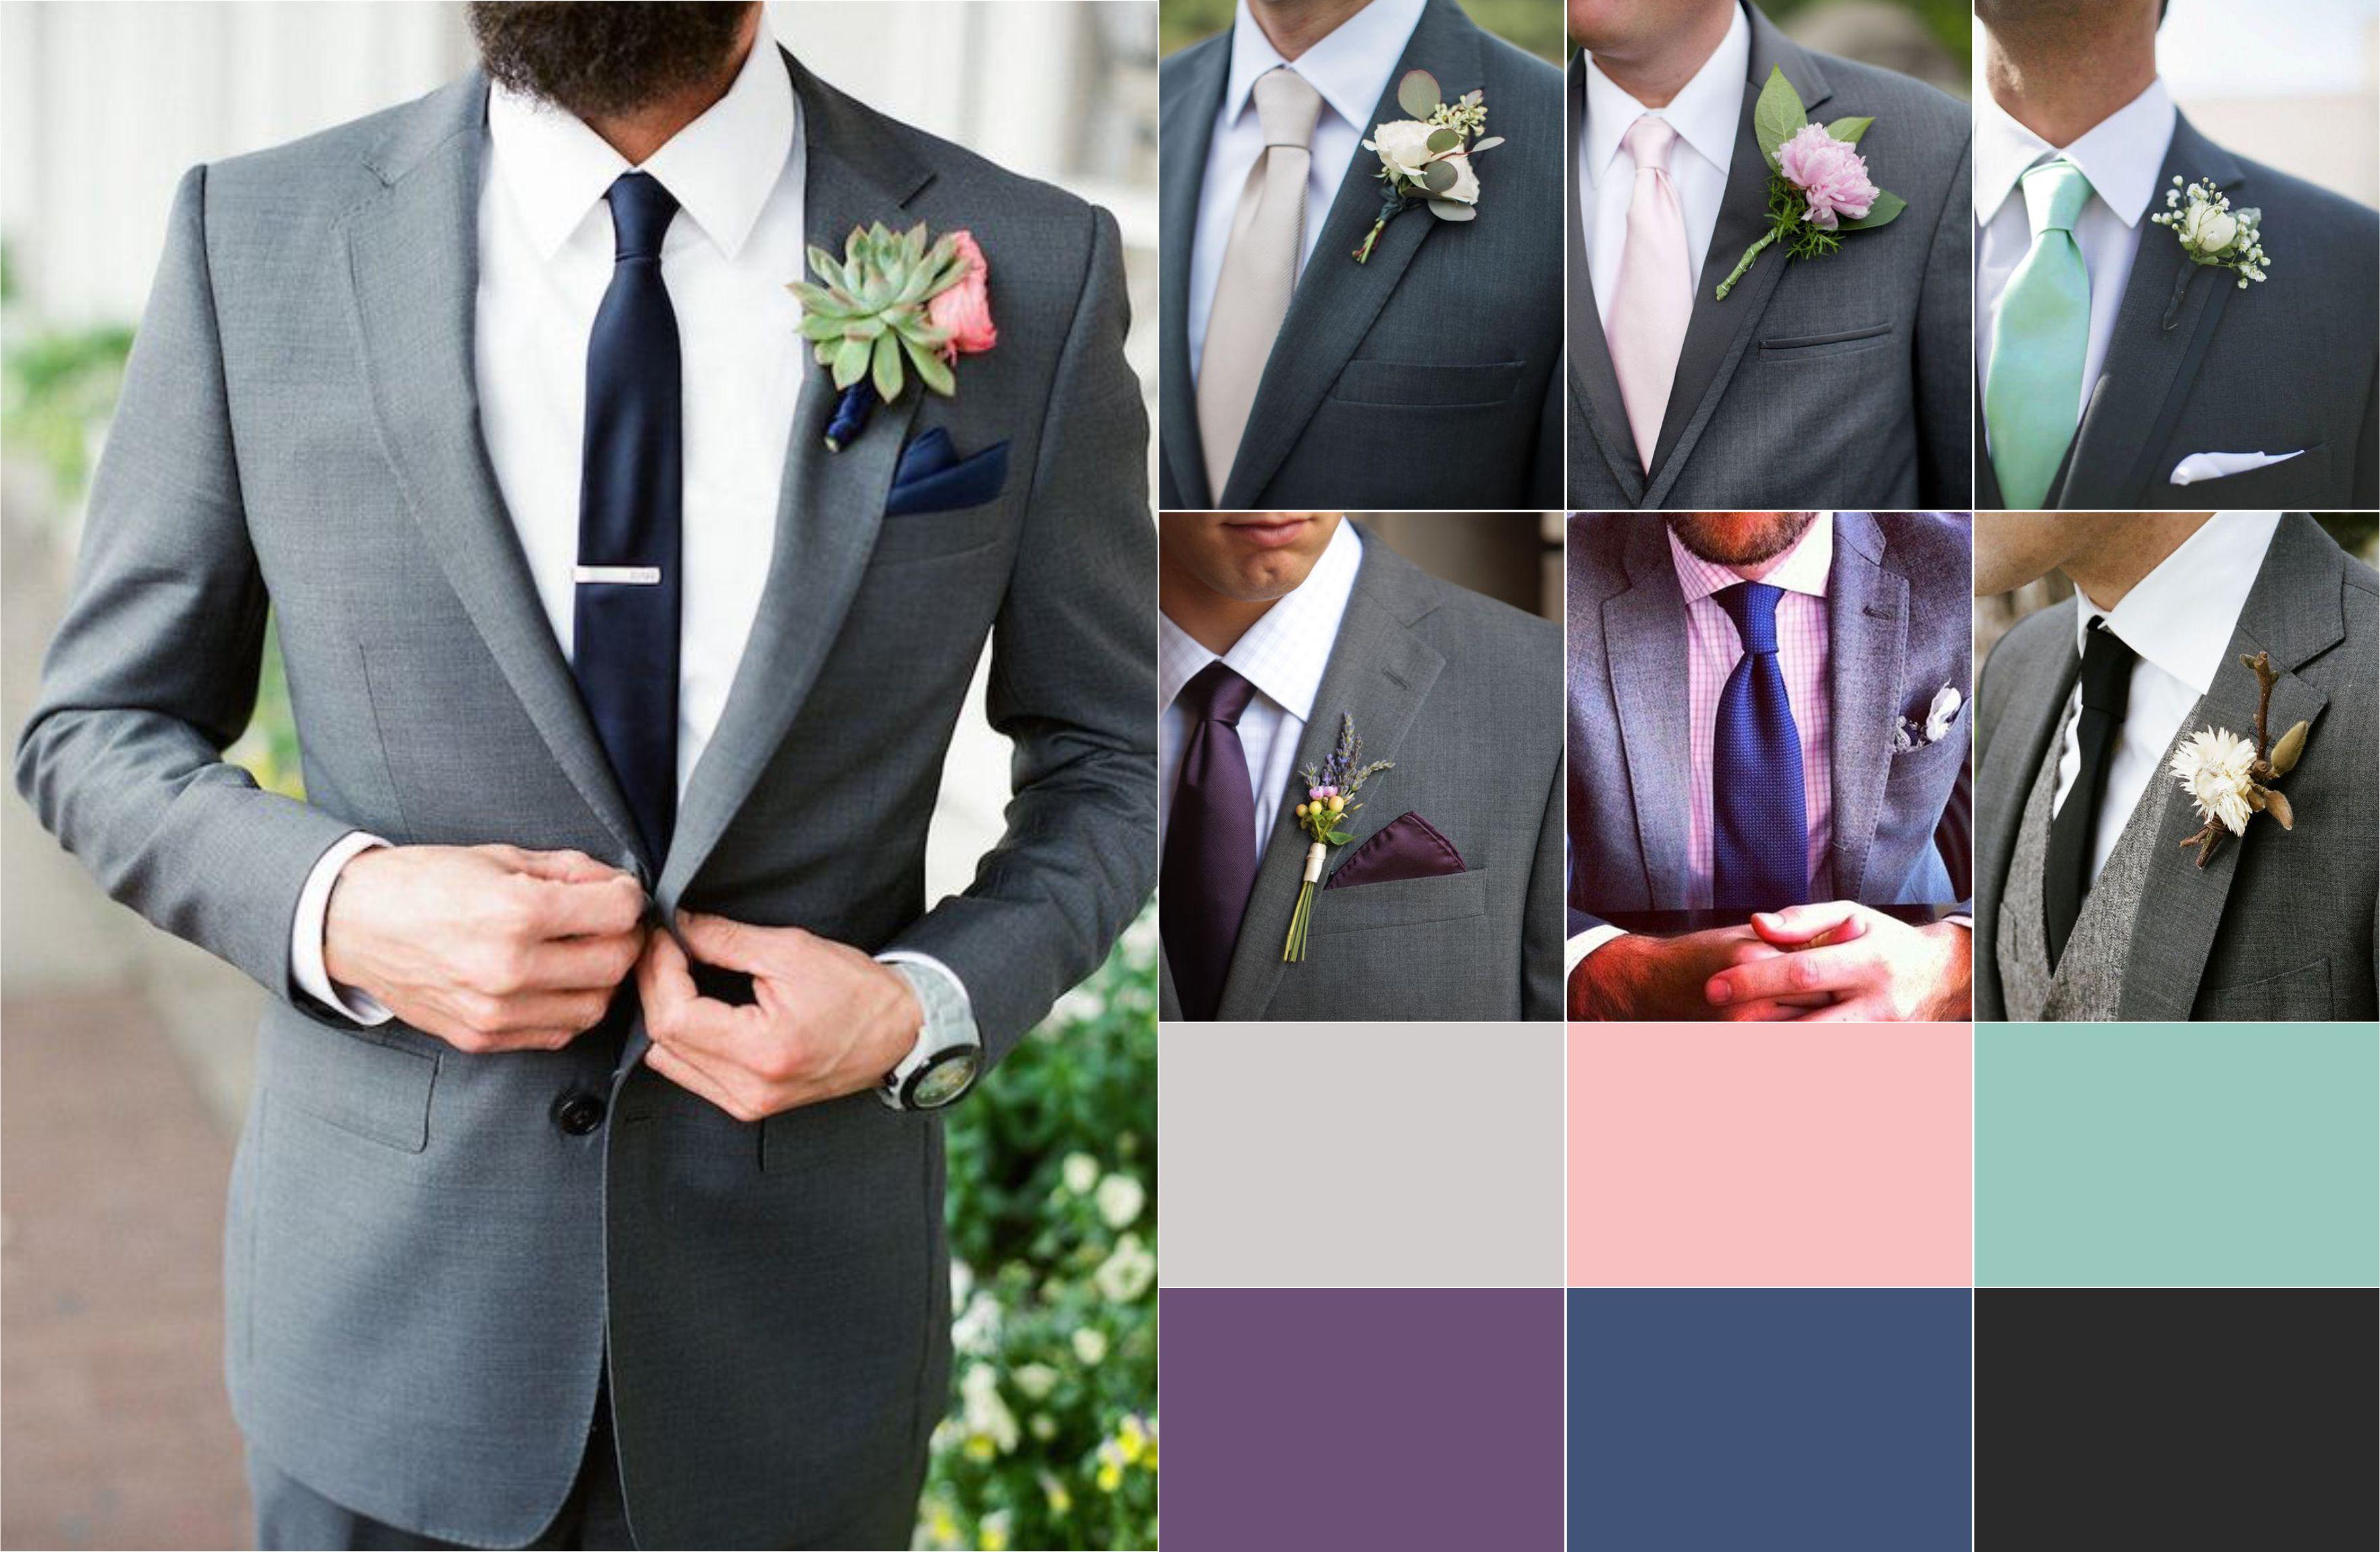 Trajes masculinos para casamento